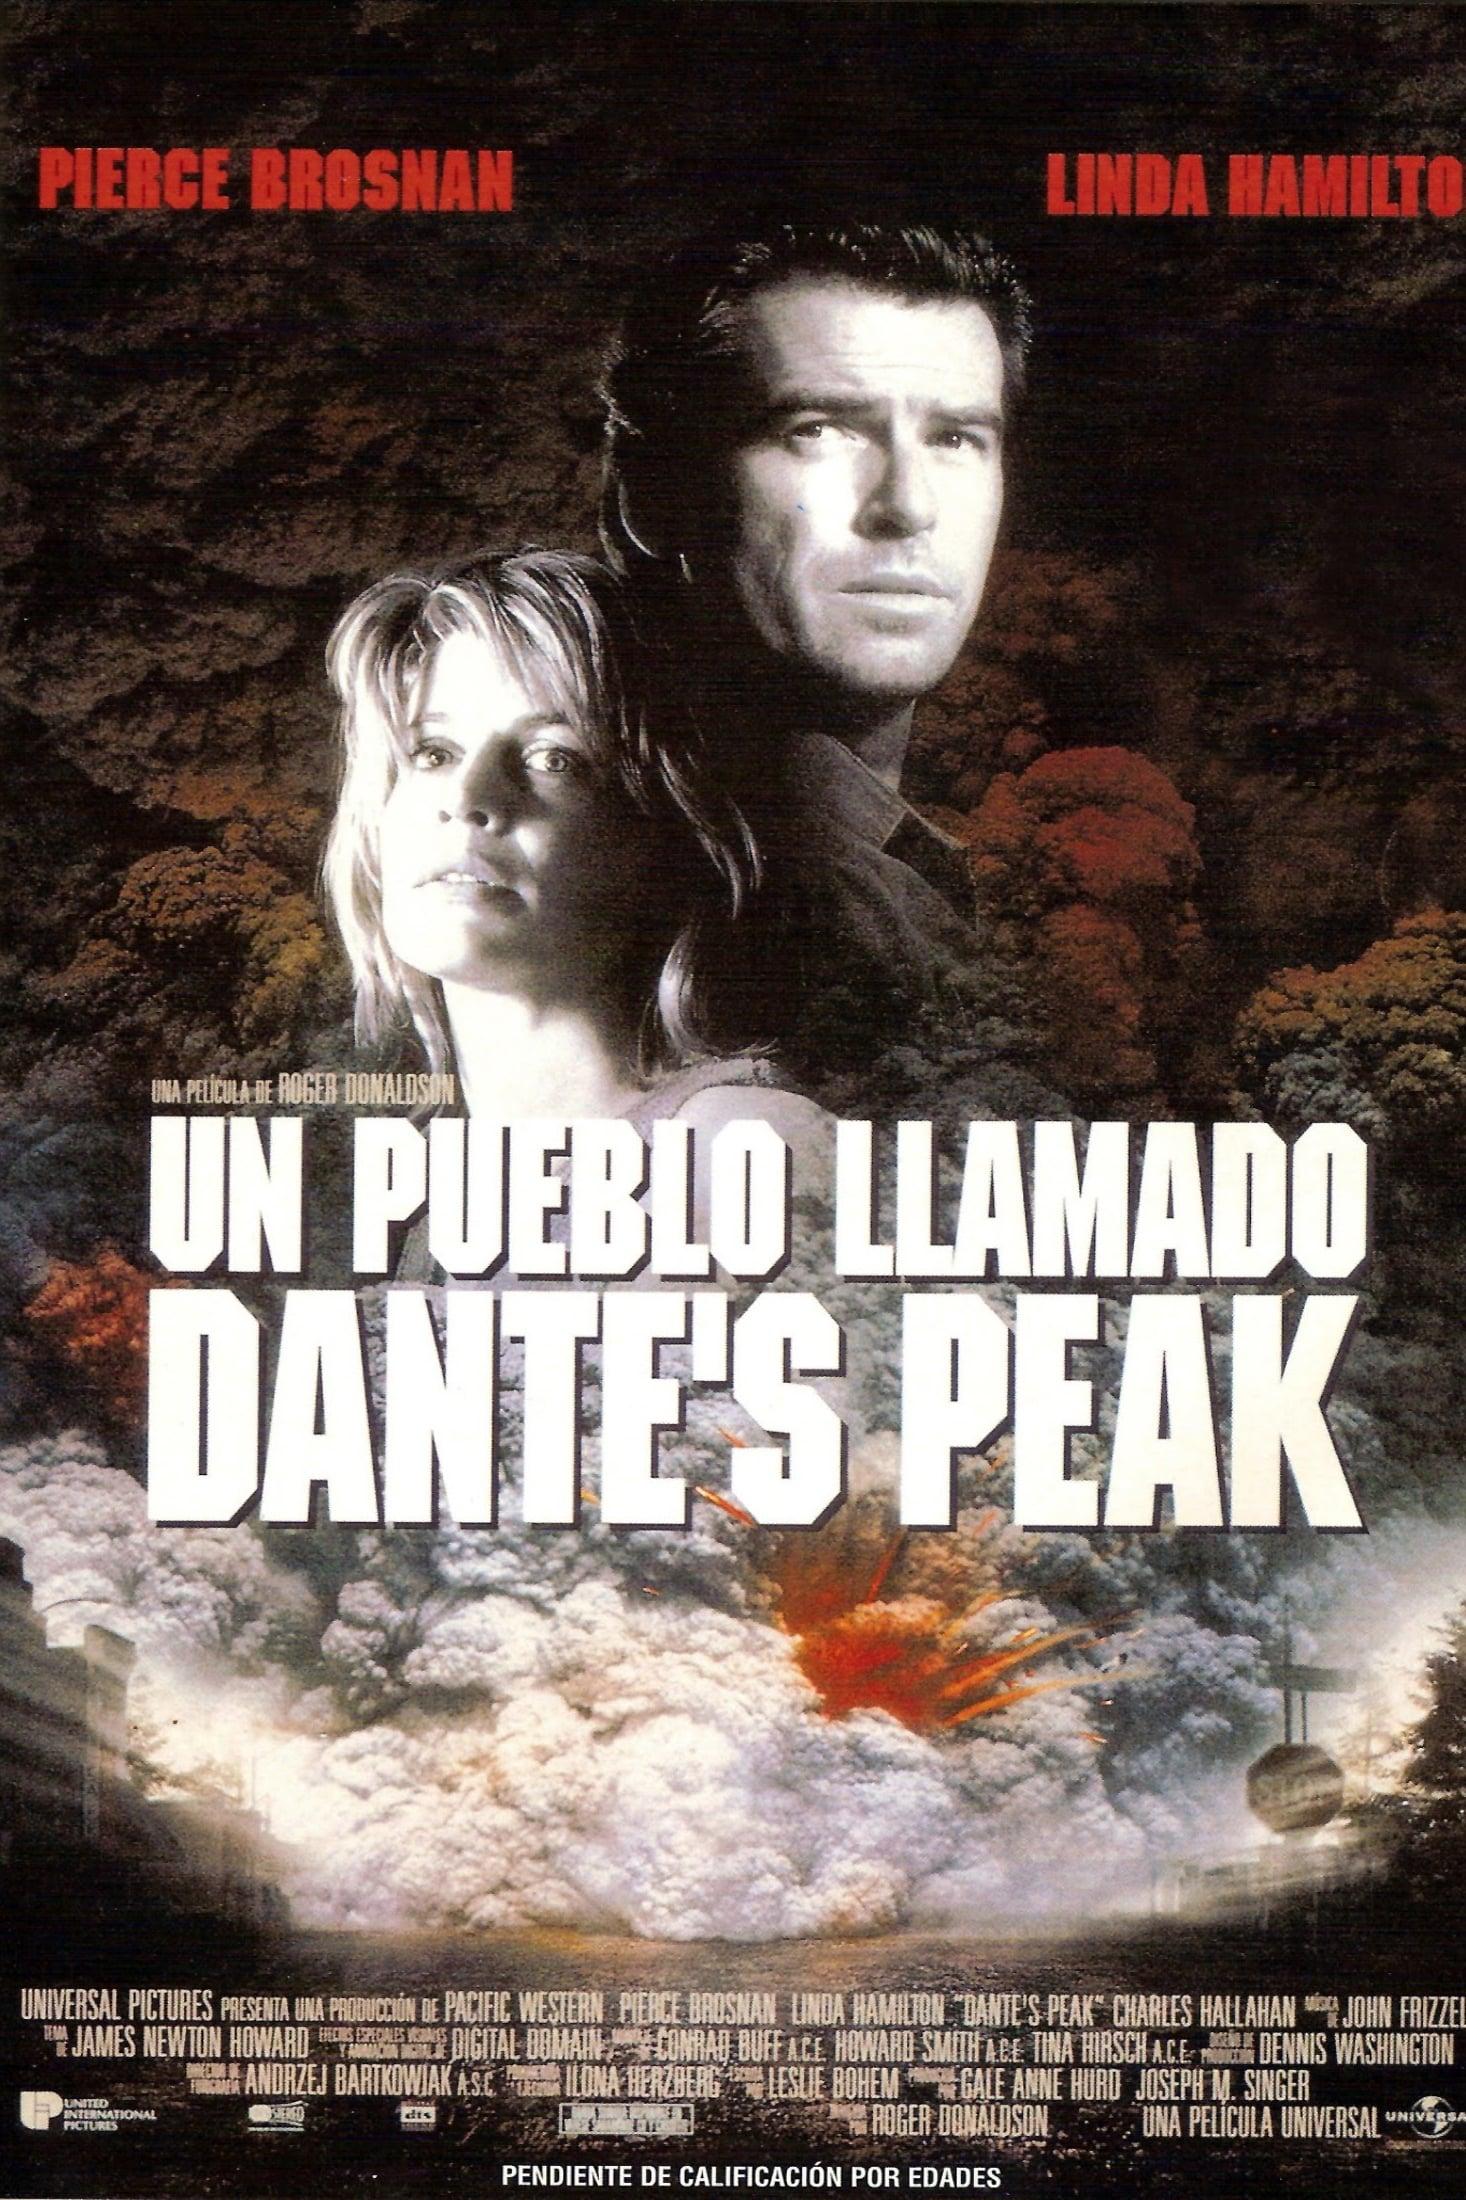 Dante S Peak 1997 Movies Film Cine Com